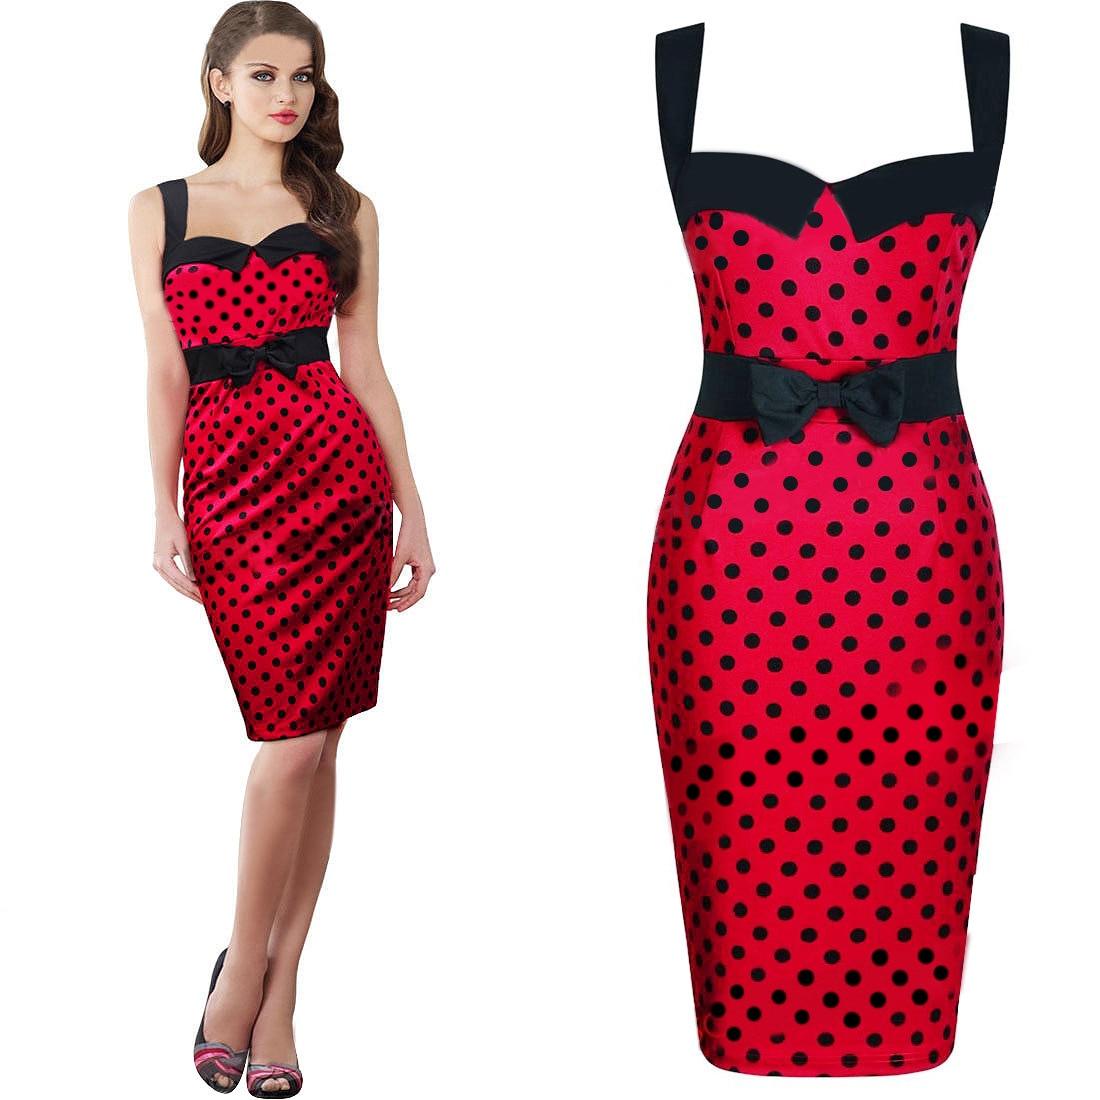 Dress vestidos vestido party kleider billige kleidung china sexy ...